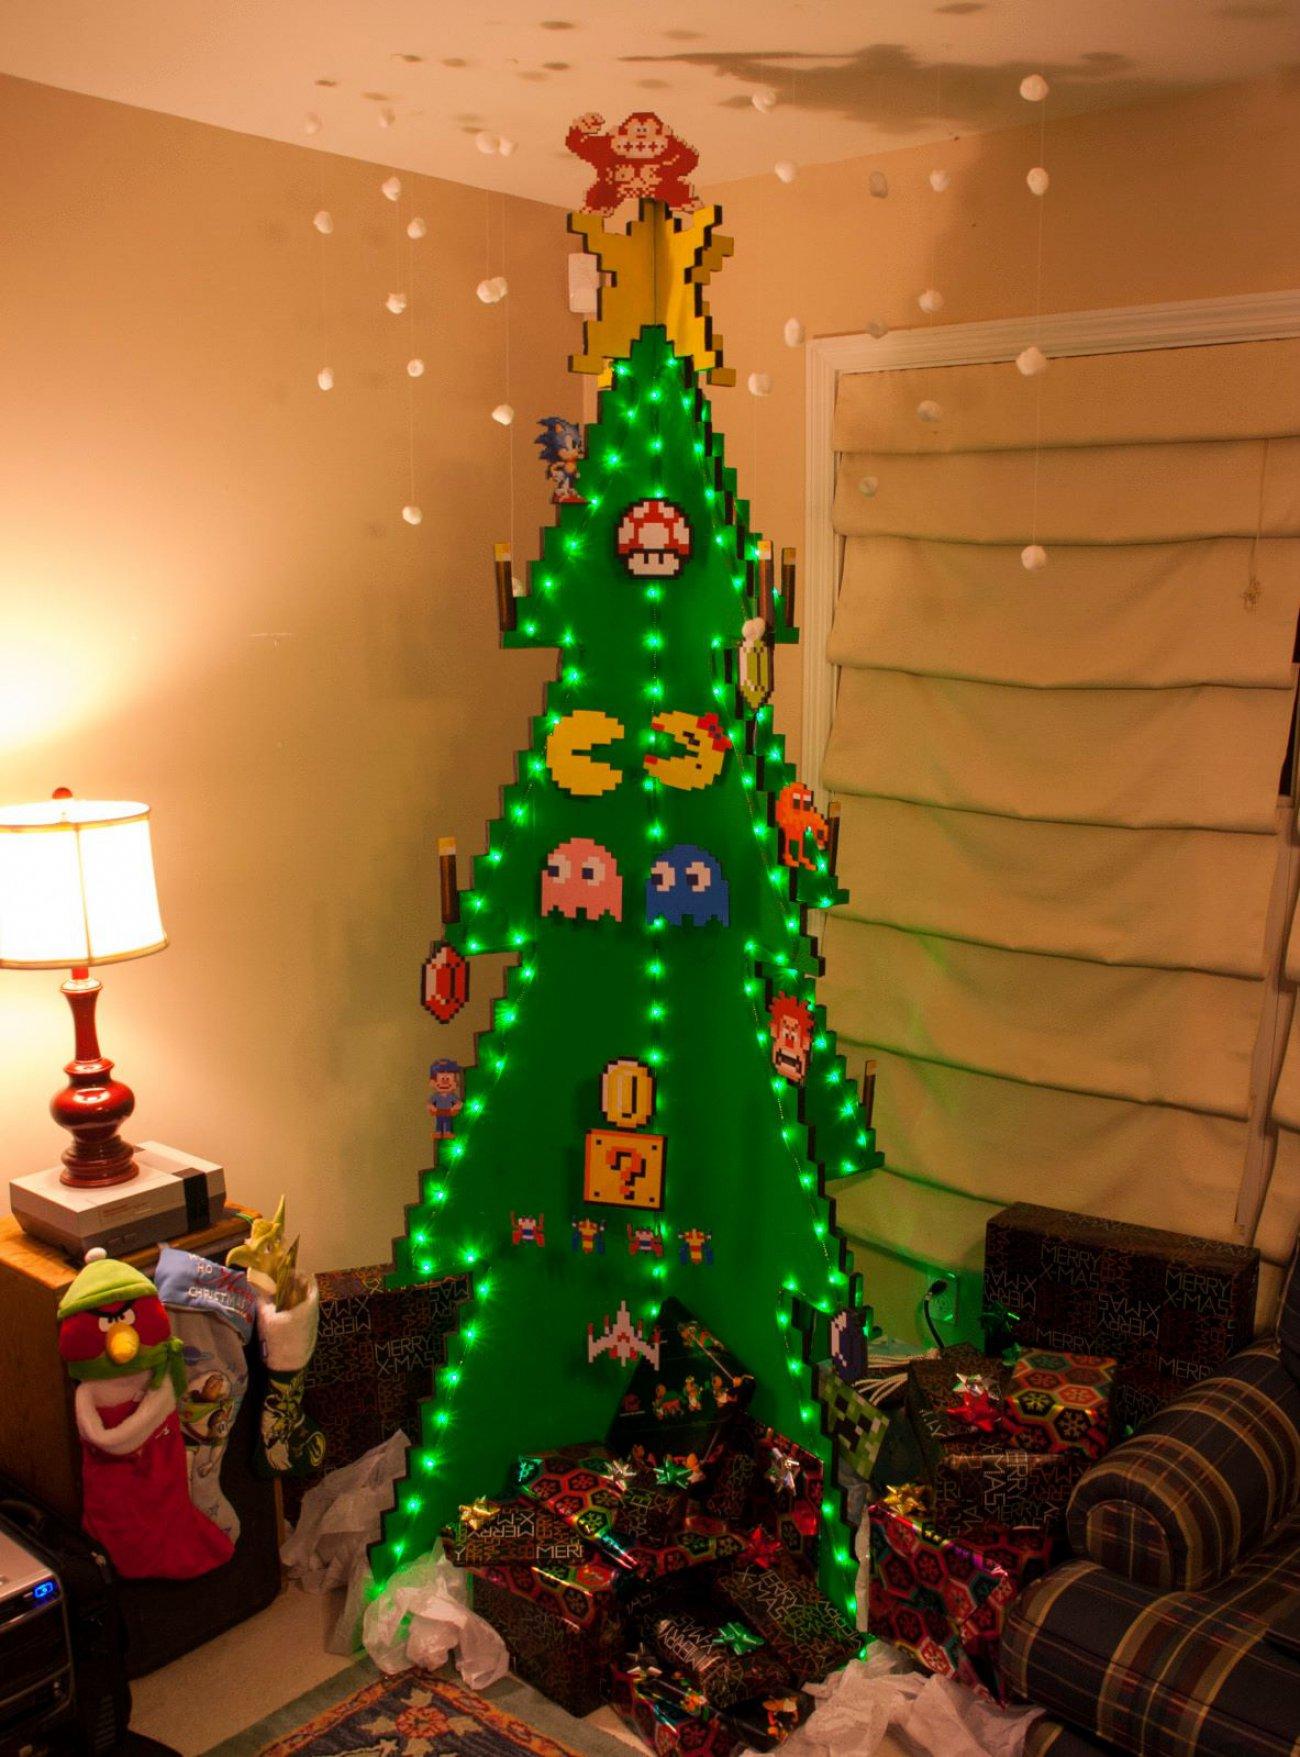 Formas De Decorar En Navidad.16 Divertidas Y Originales Maneras De Decorar En Navidad